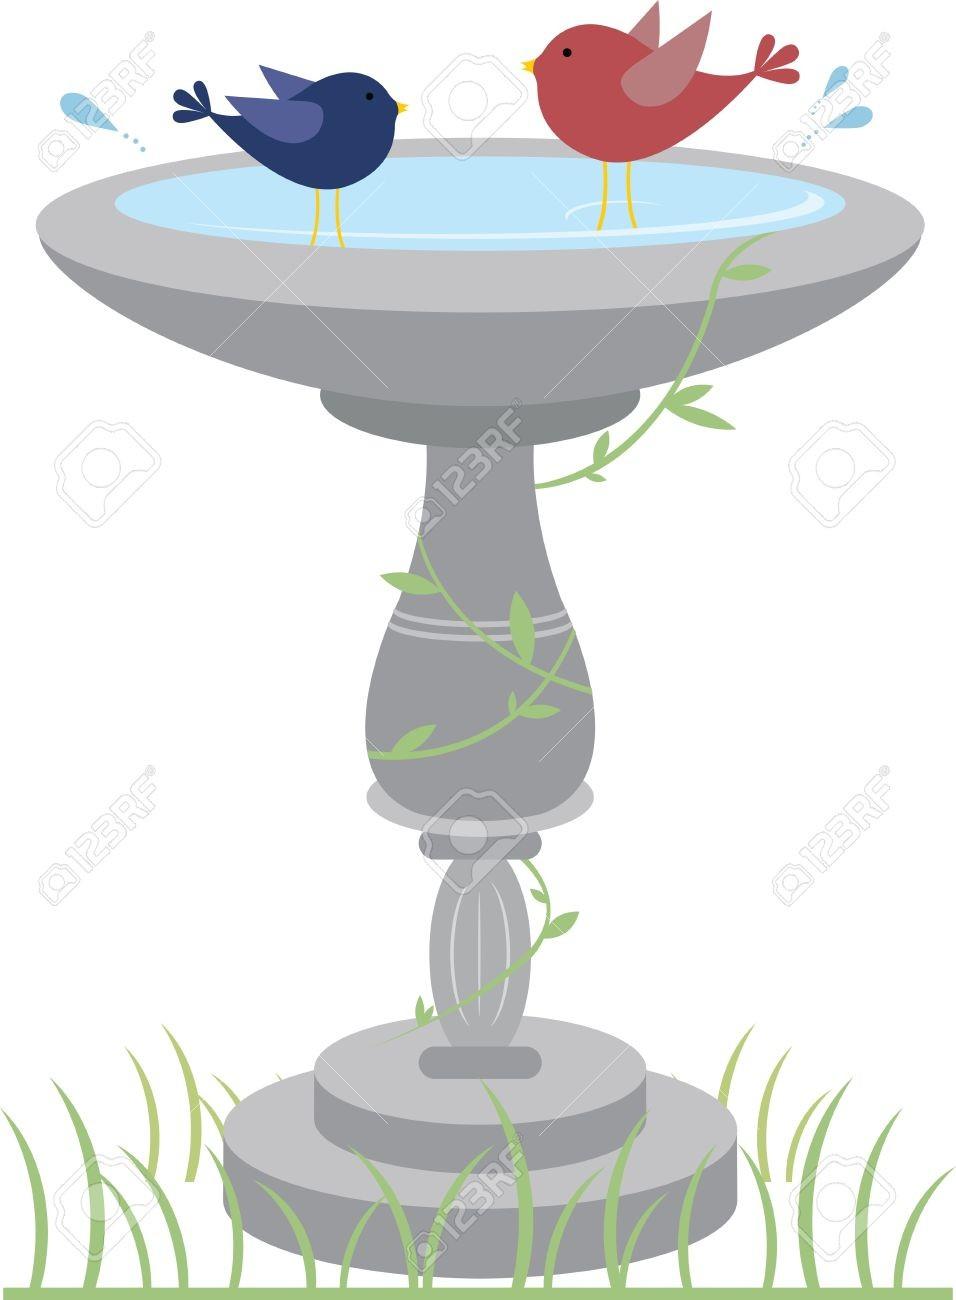 At Bird Bath Clipart 41241331 Happy Birds Splashing In A Garden.